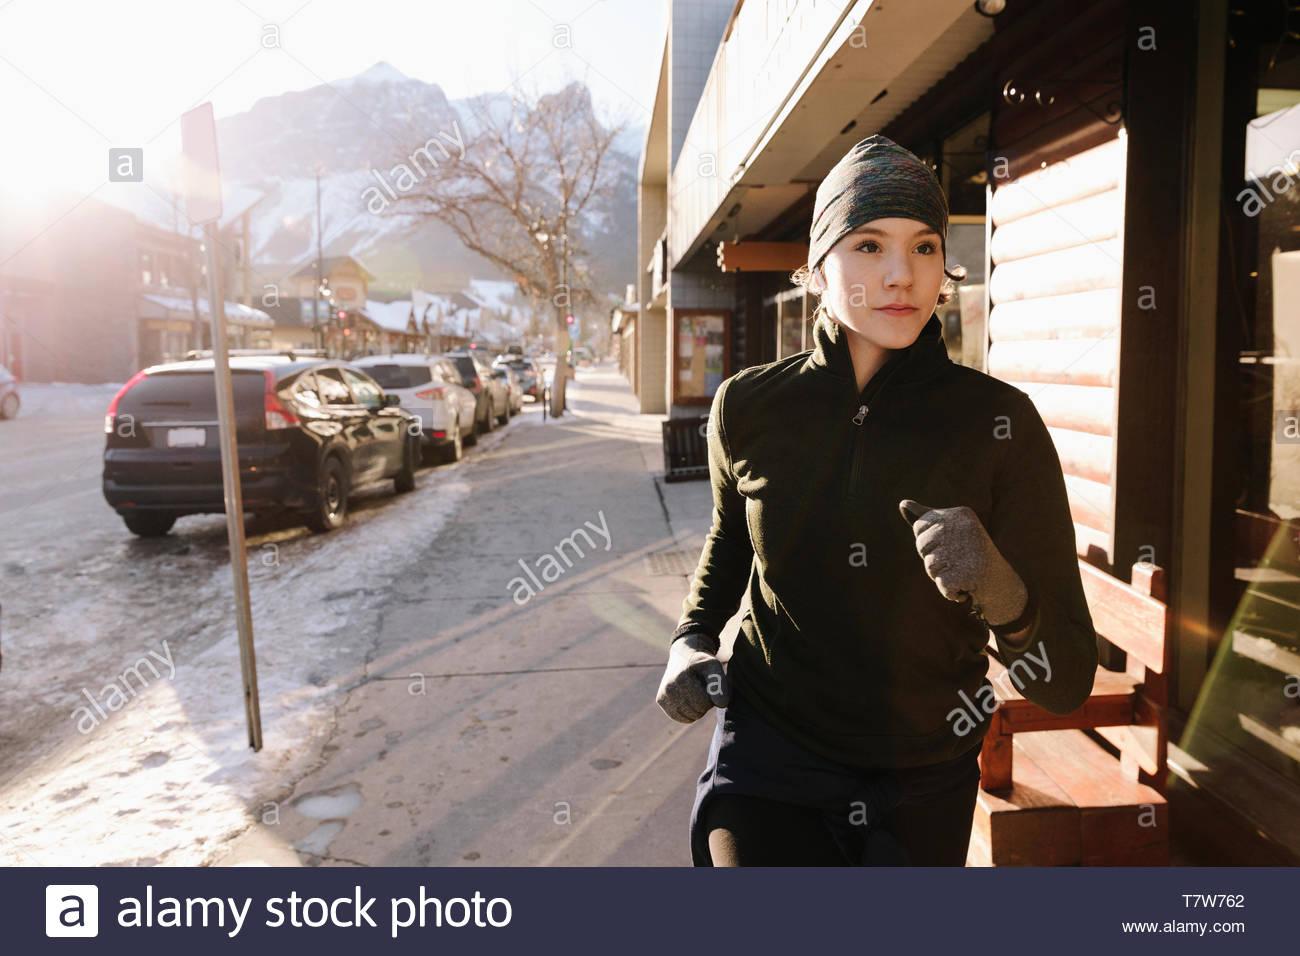 Centrado adolescente corriendo por la acera soleada de invierno Imagen De Stock